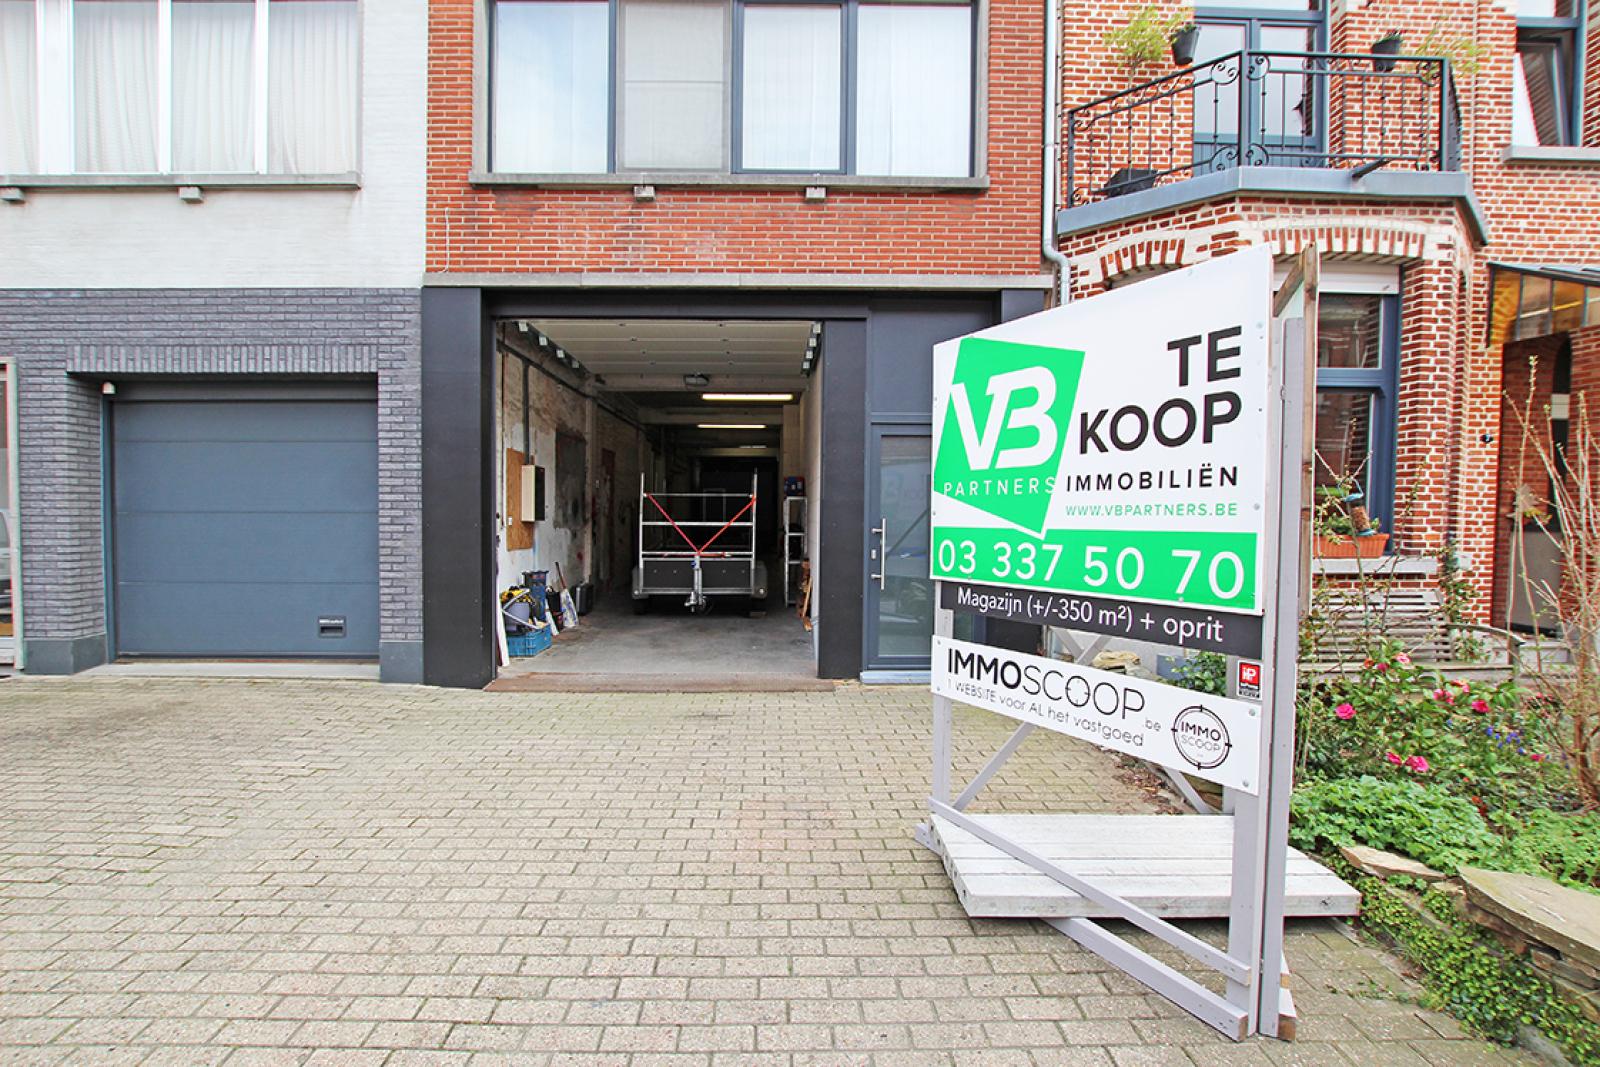 Zeer groot magazijn/garage (+/- 350 m²) op centrale locatie te Schoten! afbeelding 1